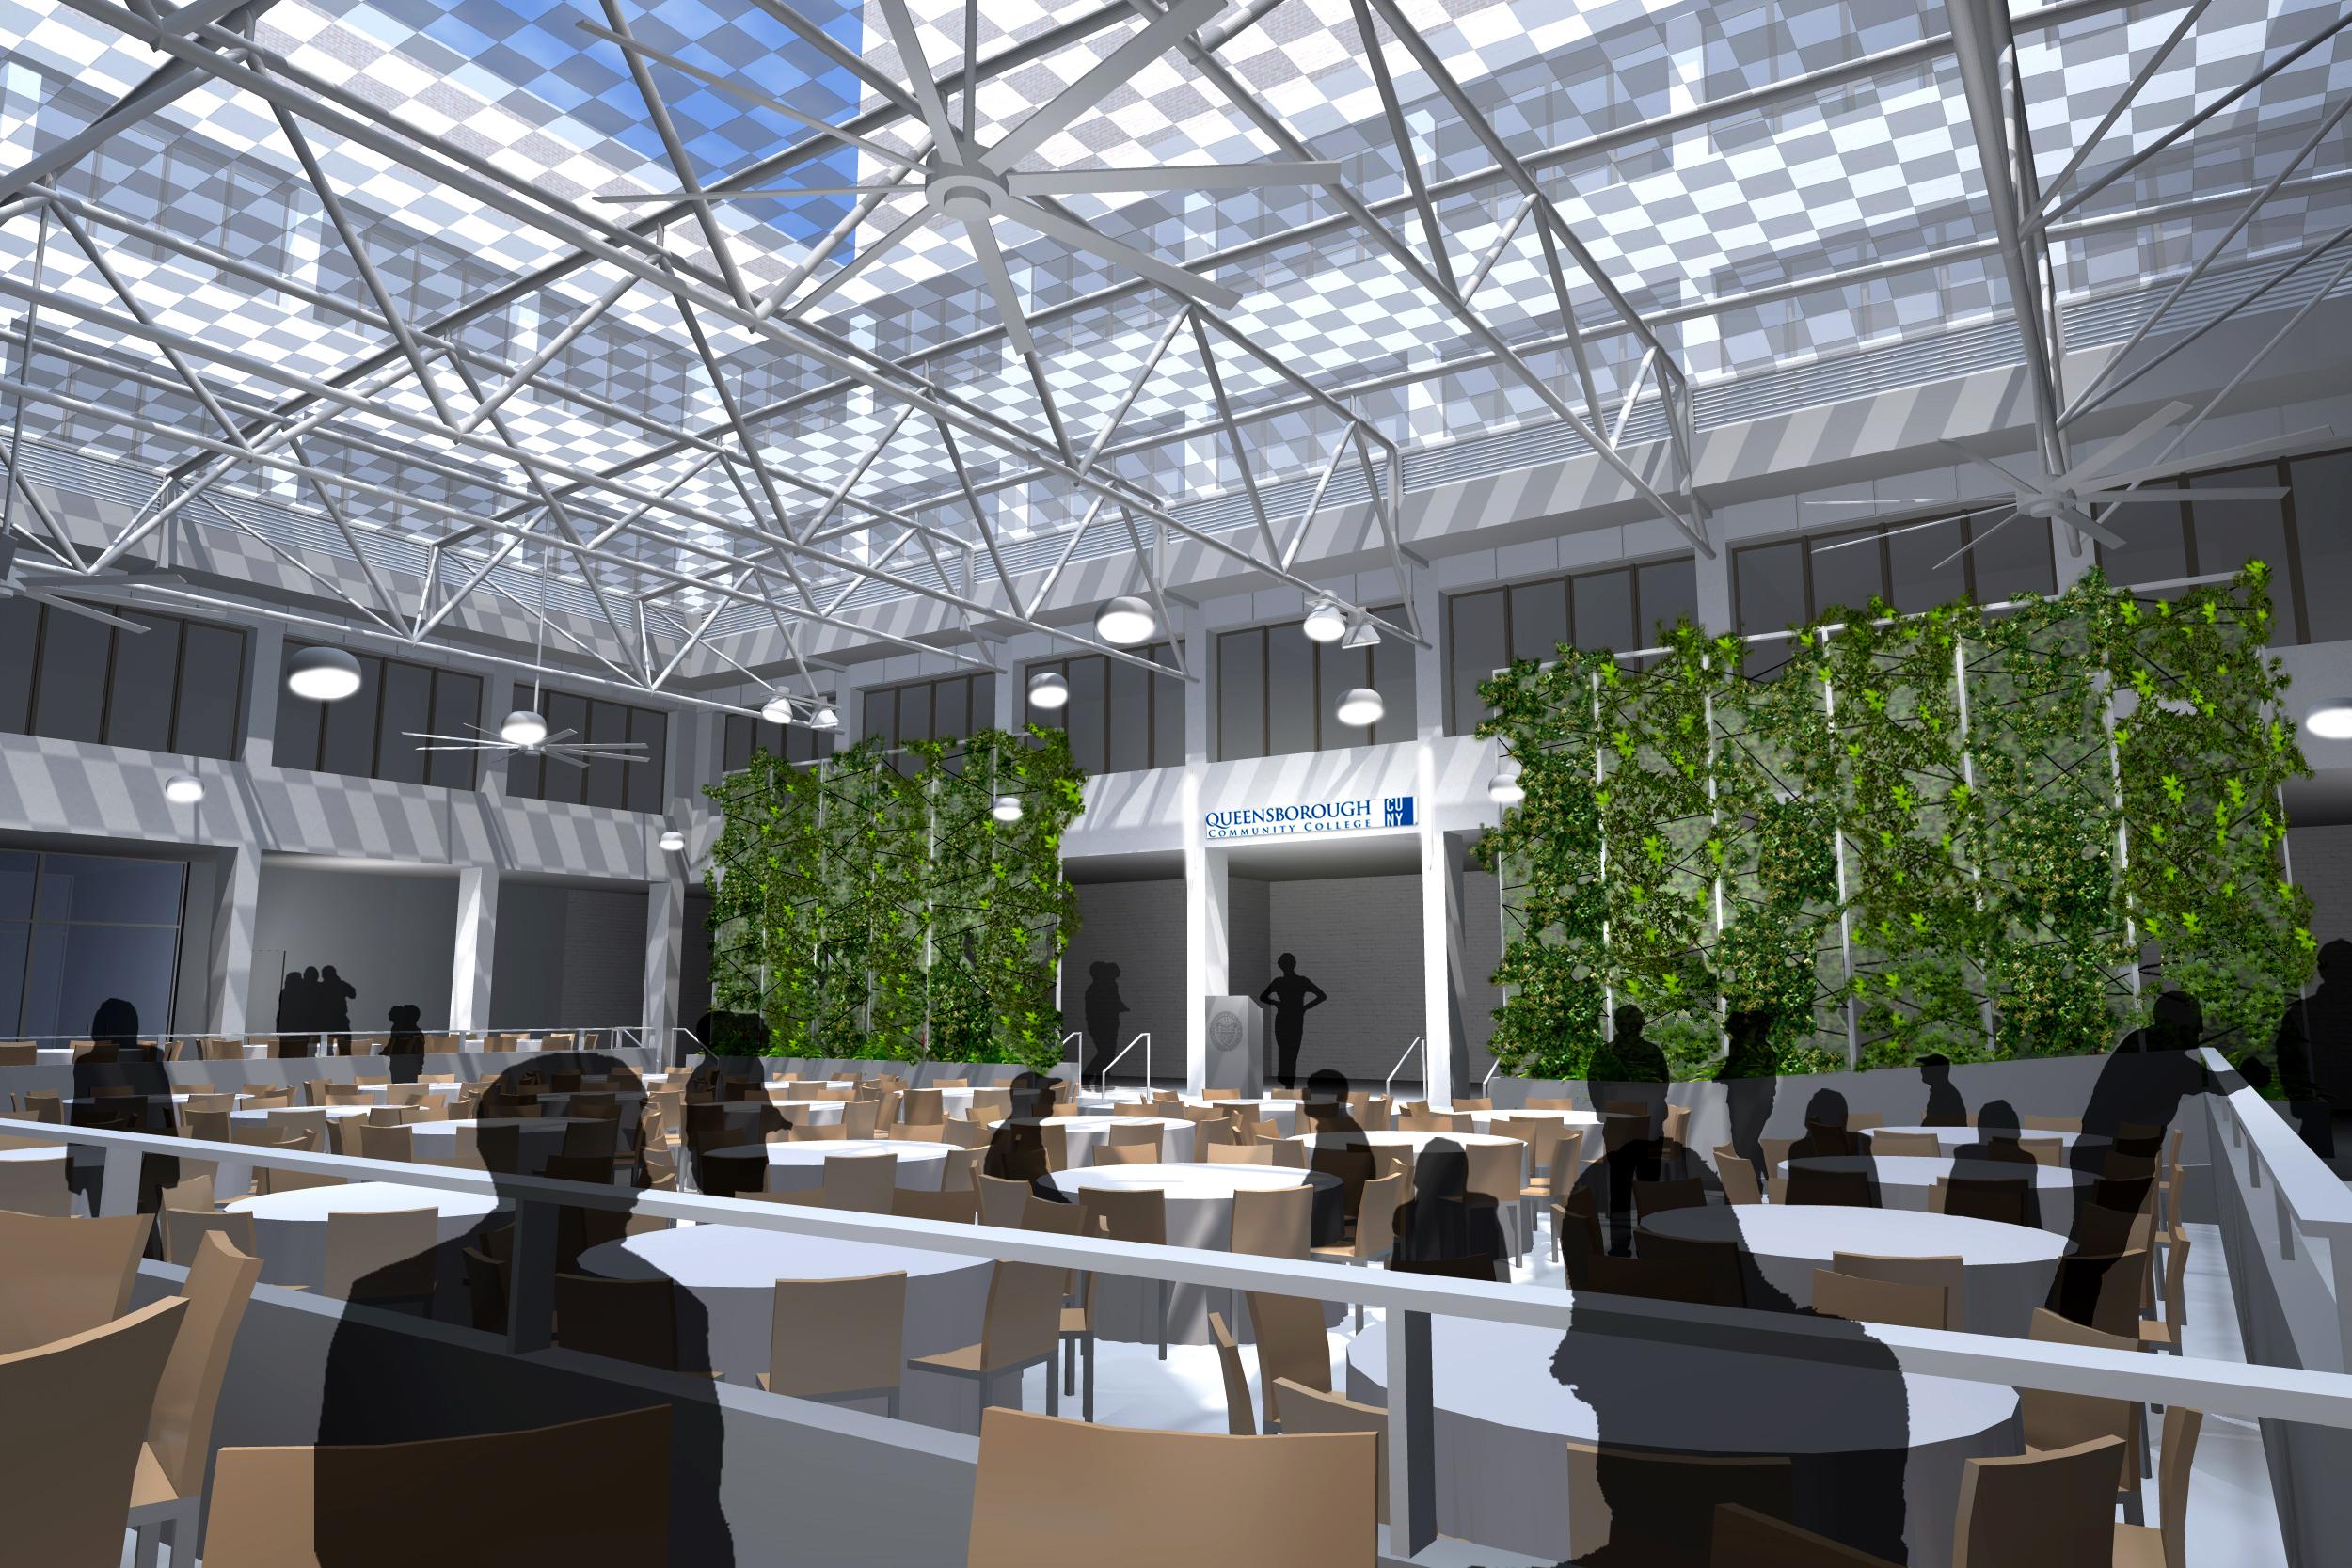 Queensborough Community College Science Building Atrium Inside Queenbouorgh Community College Schdule